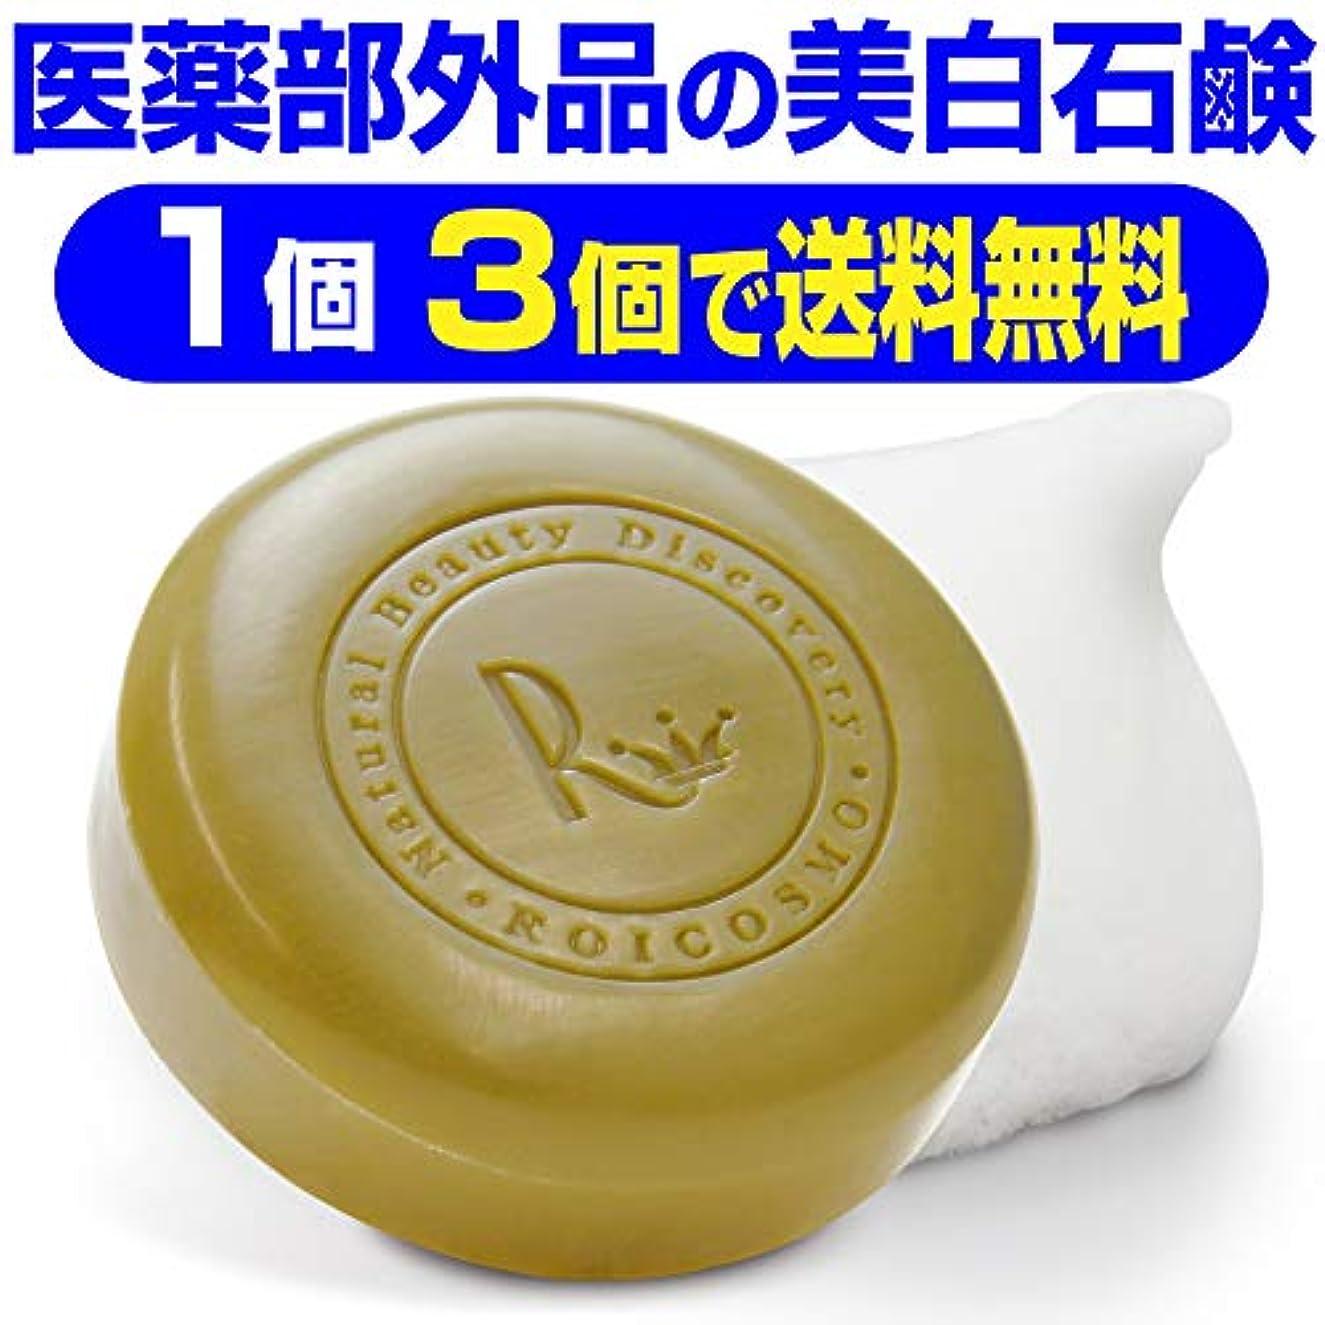 よろめくリア王香水美白石鹸/ビタミンC270倍の美白成分配合の 洗顔石鹸 固形『ホワイトソープ100g×1個』